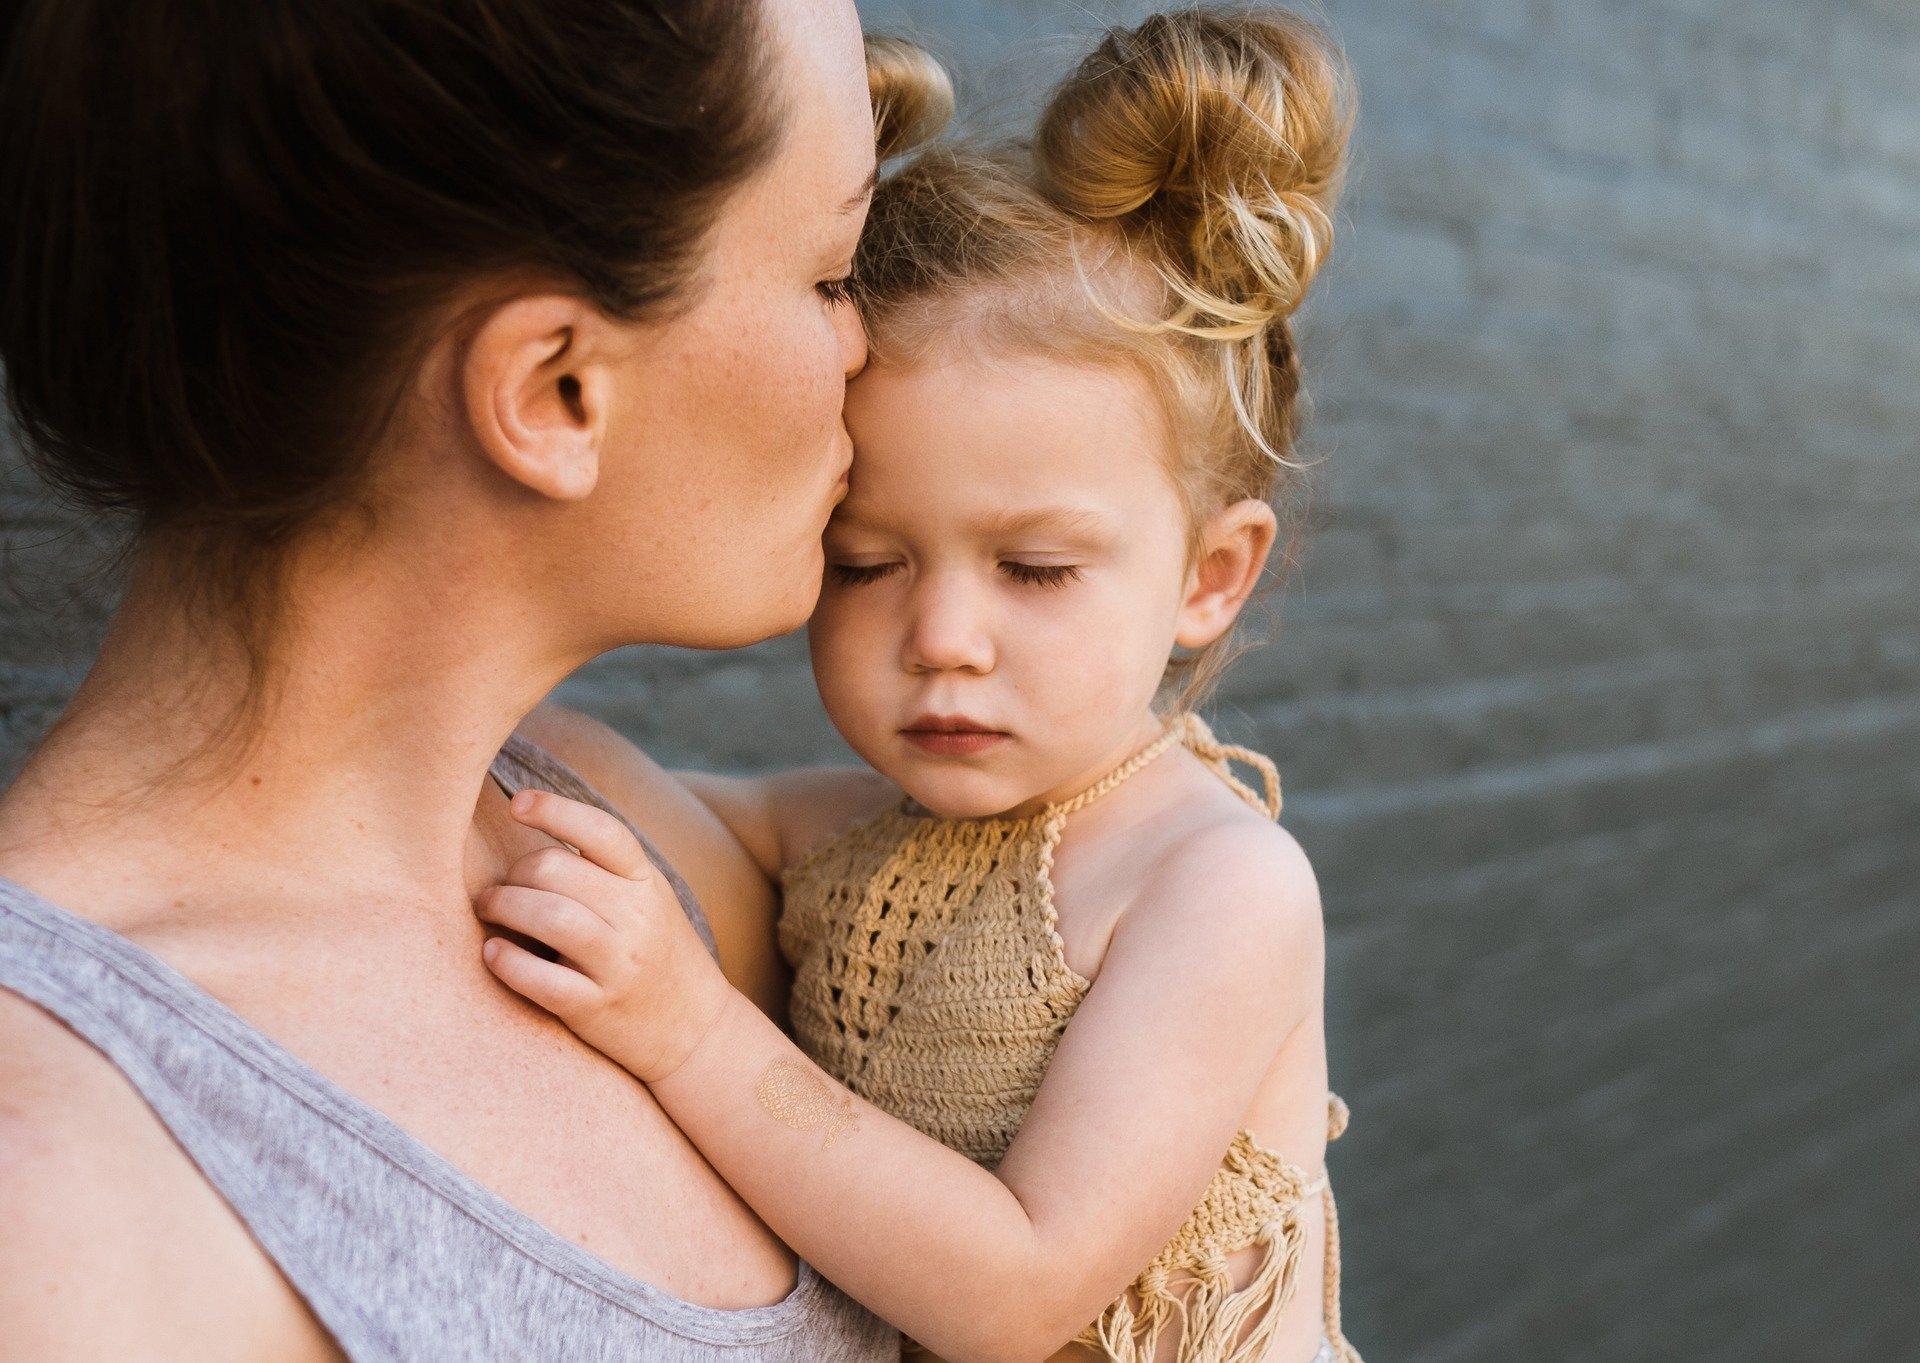 Devolucion de la retención de la prestacion maternidad